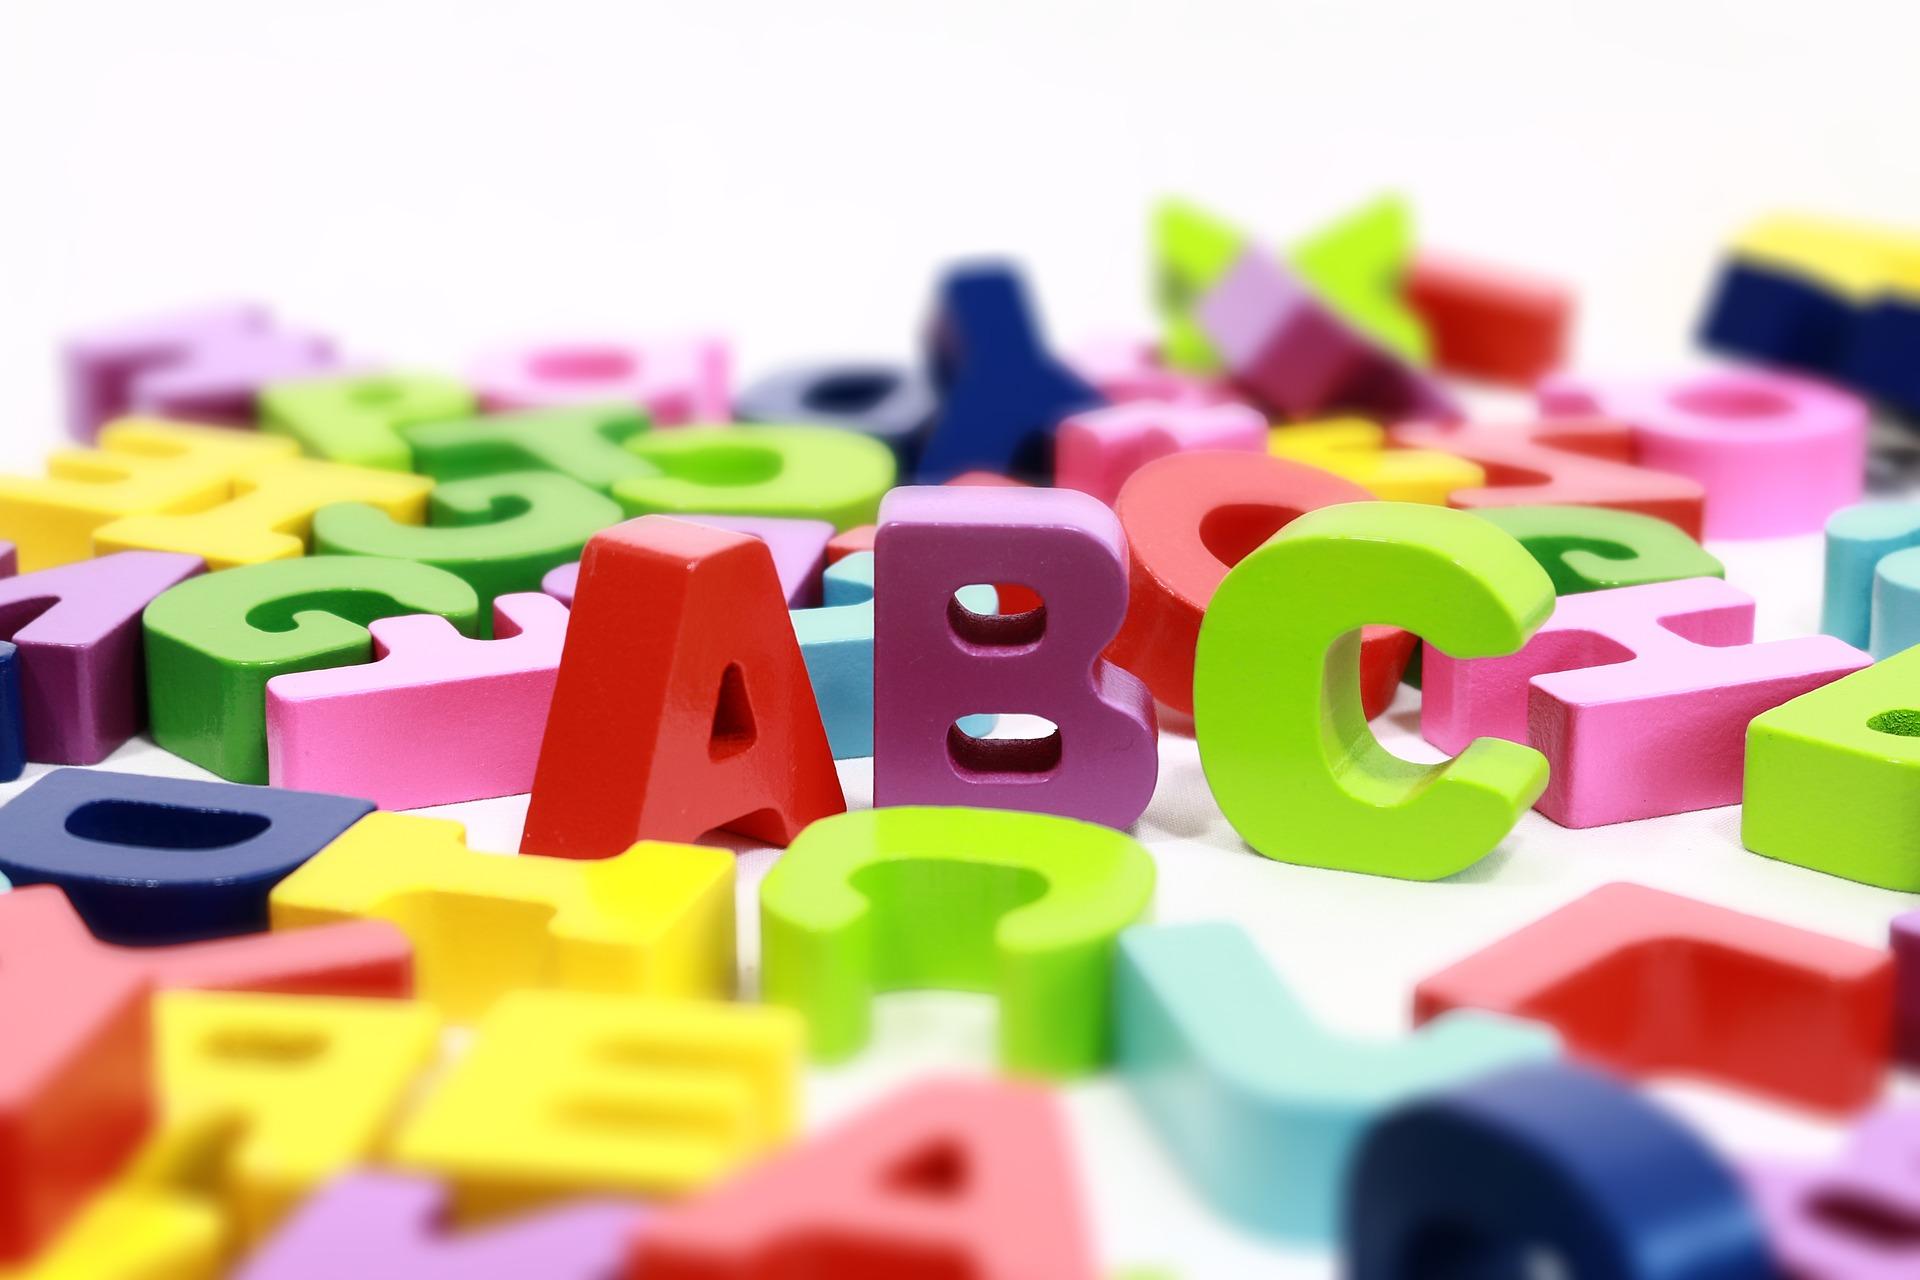 Víte, kde máte napsat velké písmeno?